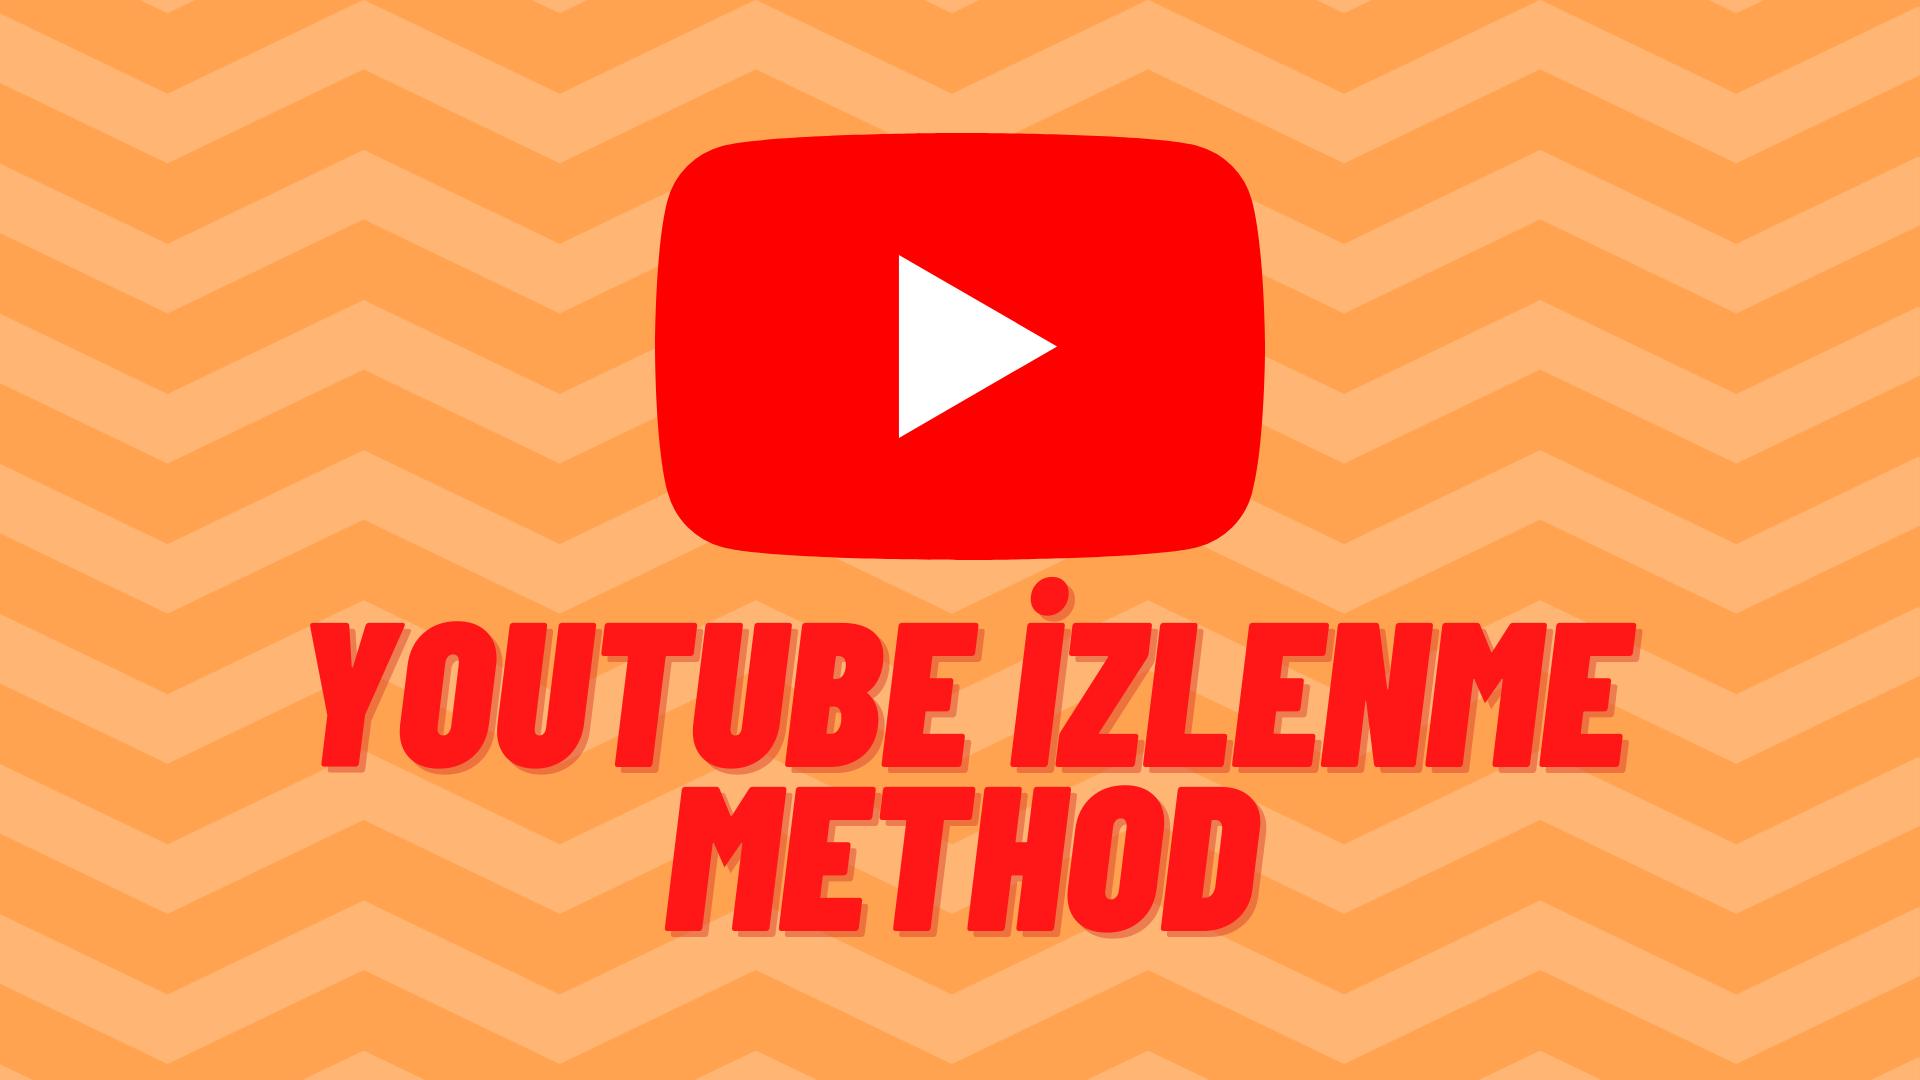 Youtube İzlenme Method Ömür Boyu